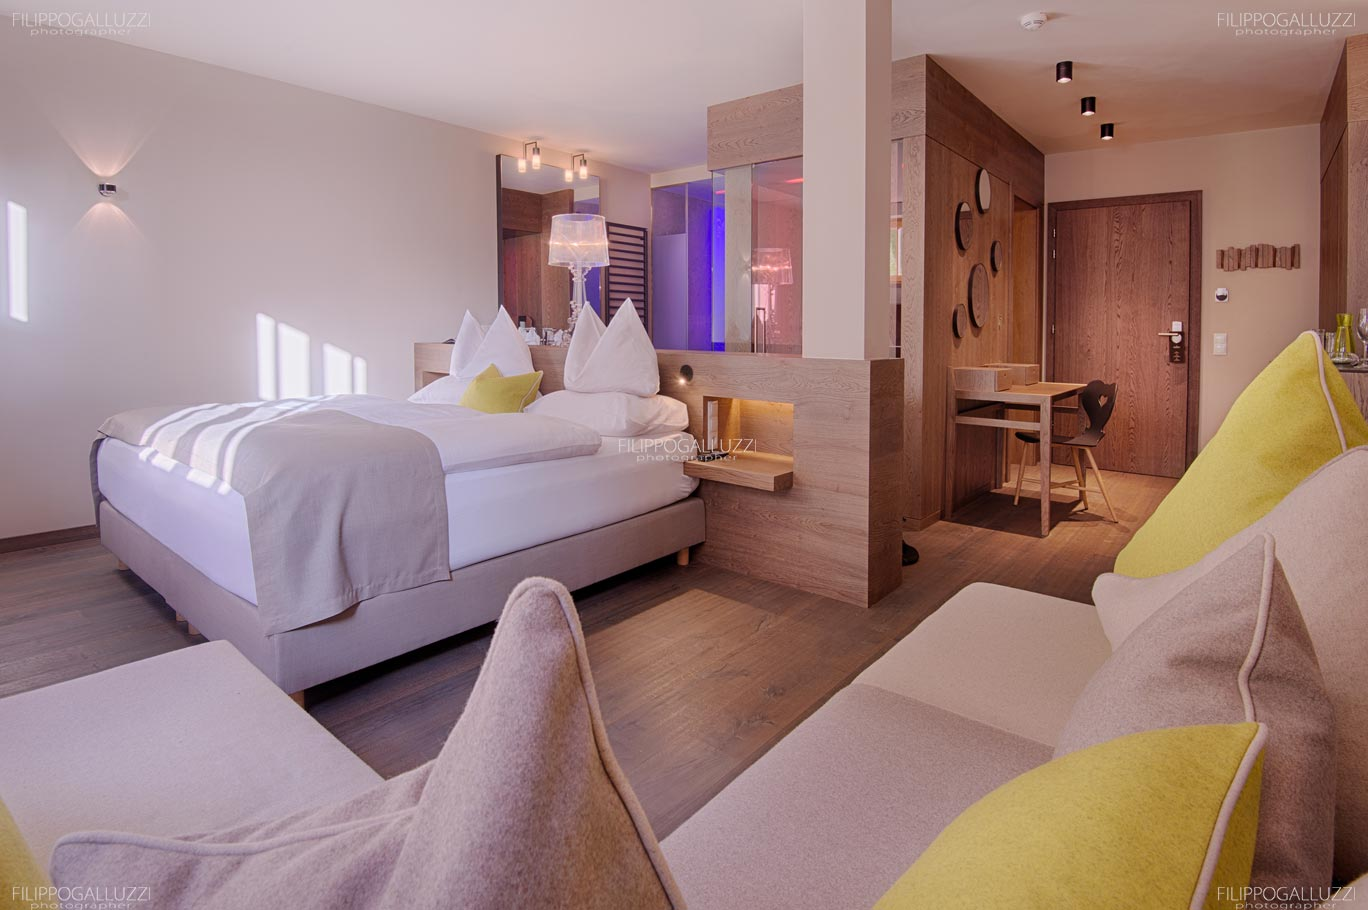 Valle Aurina, Steinhaus, Wellnes Hotel A&L ****s , Sudtirol